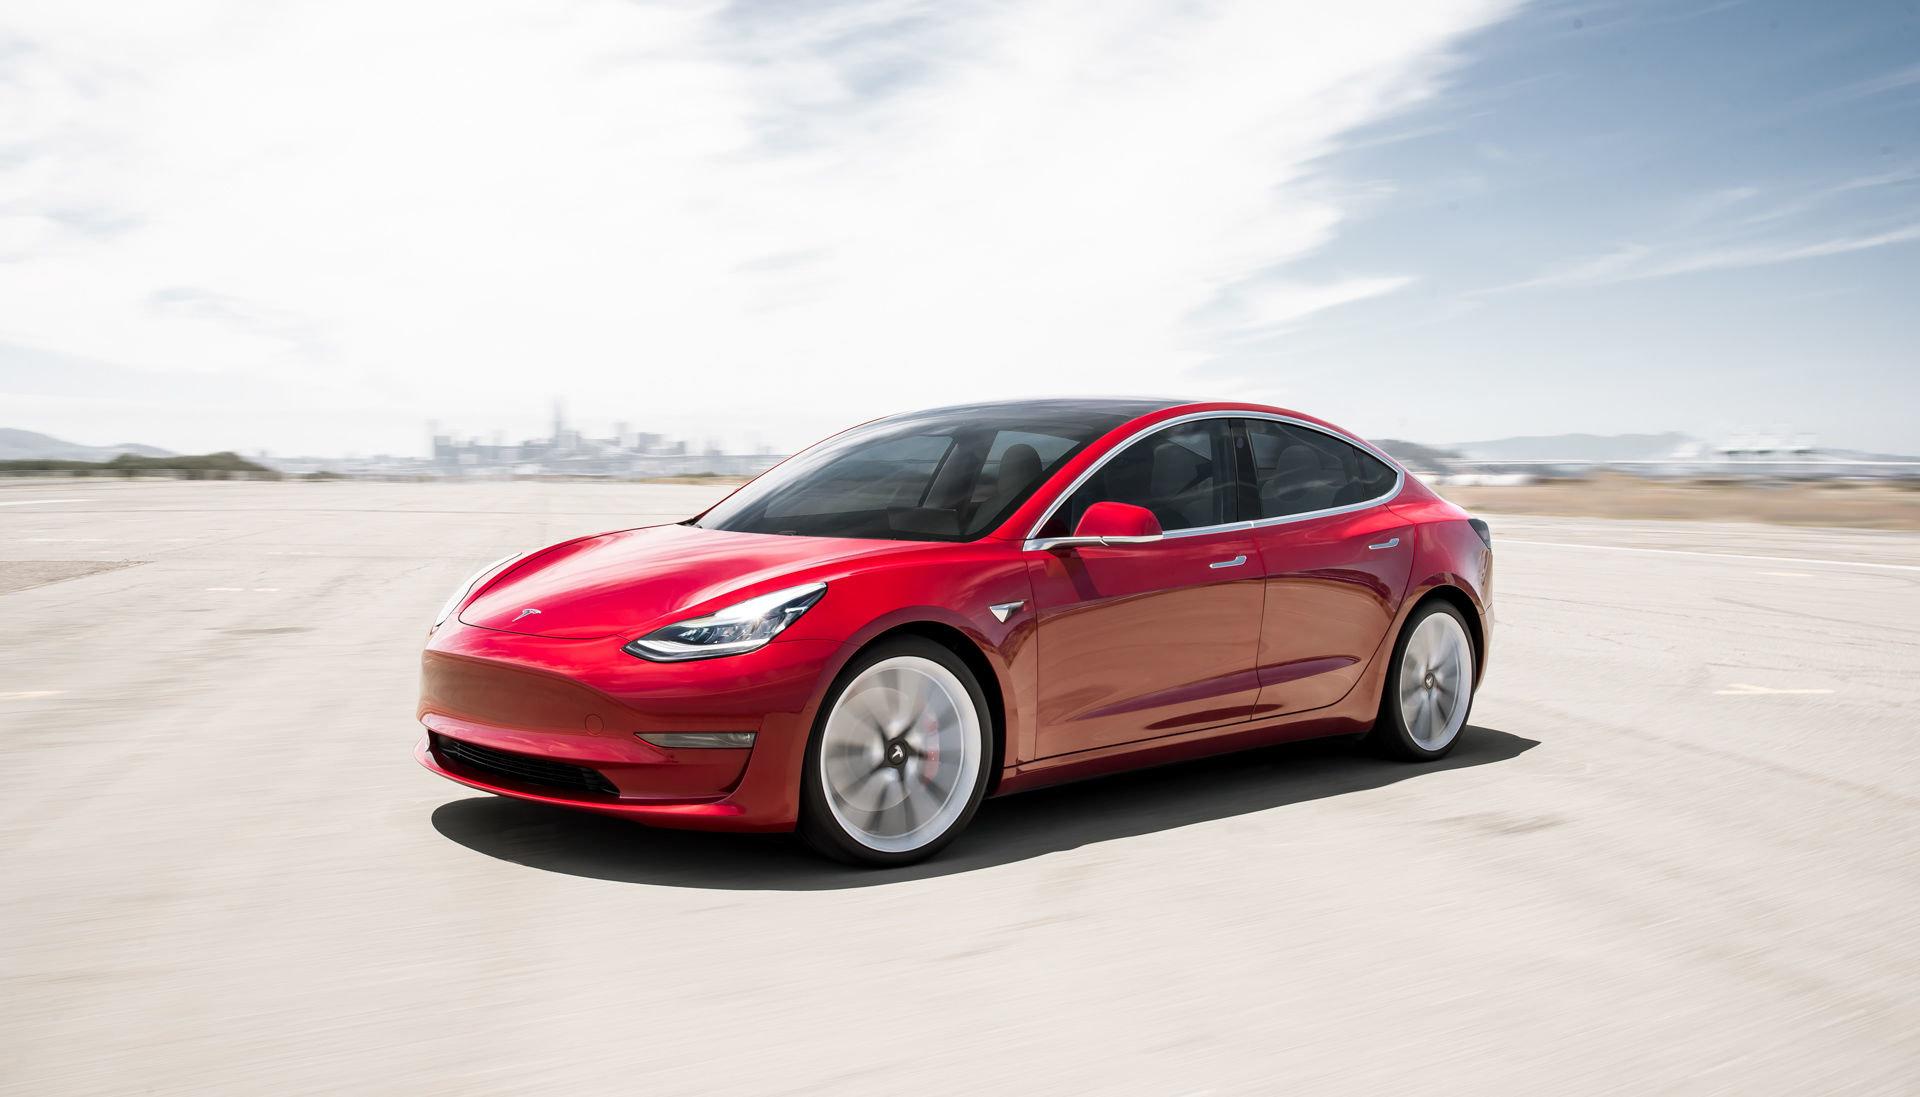 Снимка: Tesla предлага Model 3 като награда за хакери любители